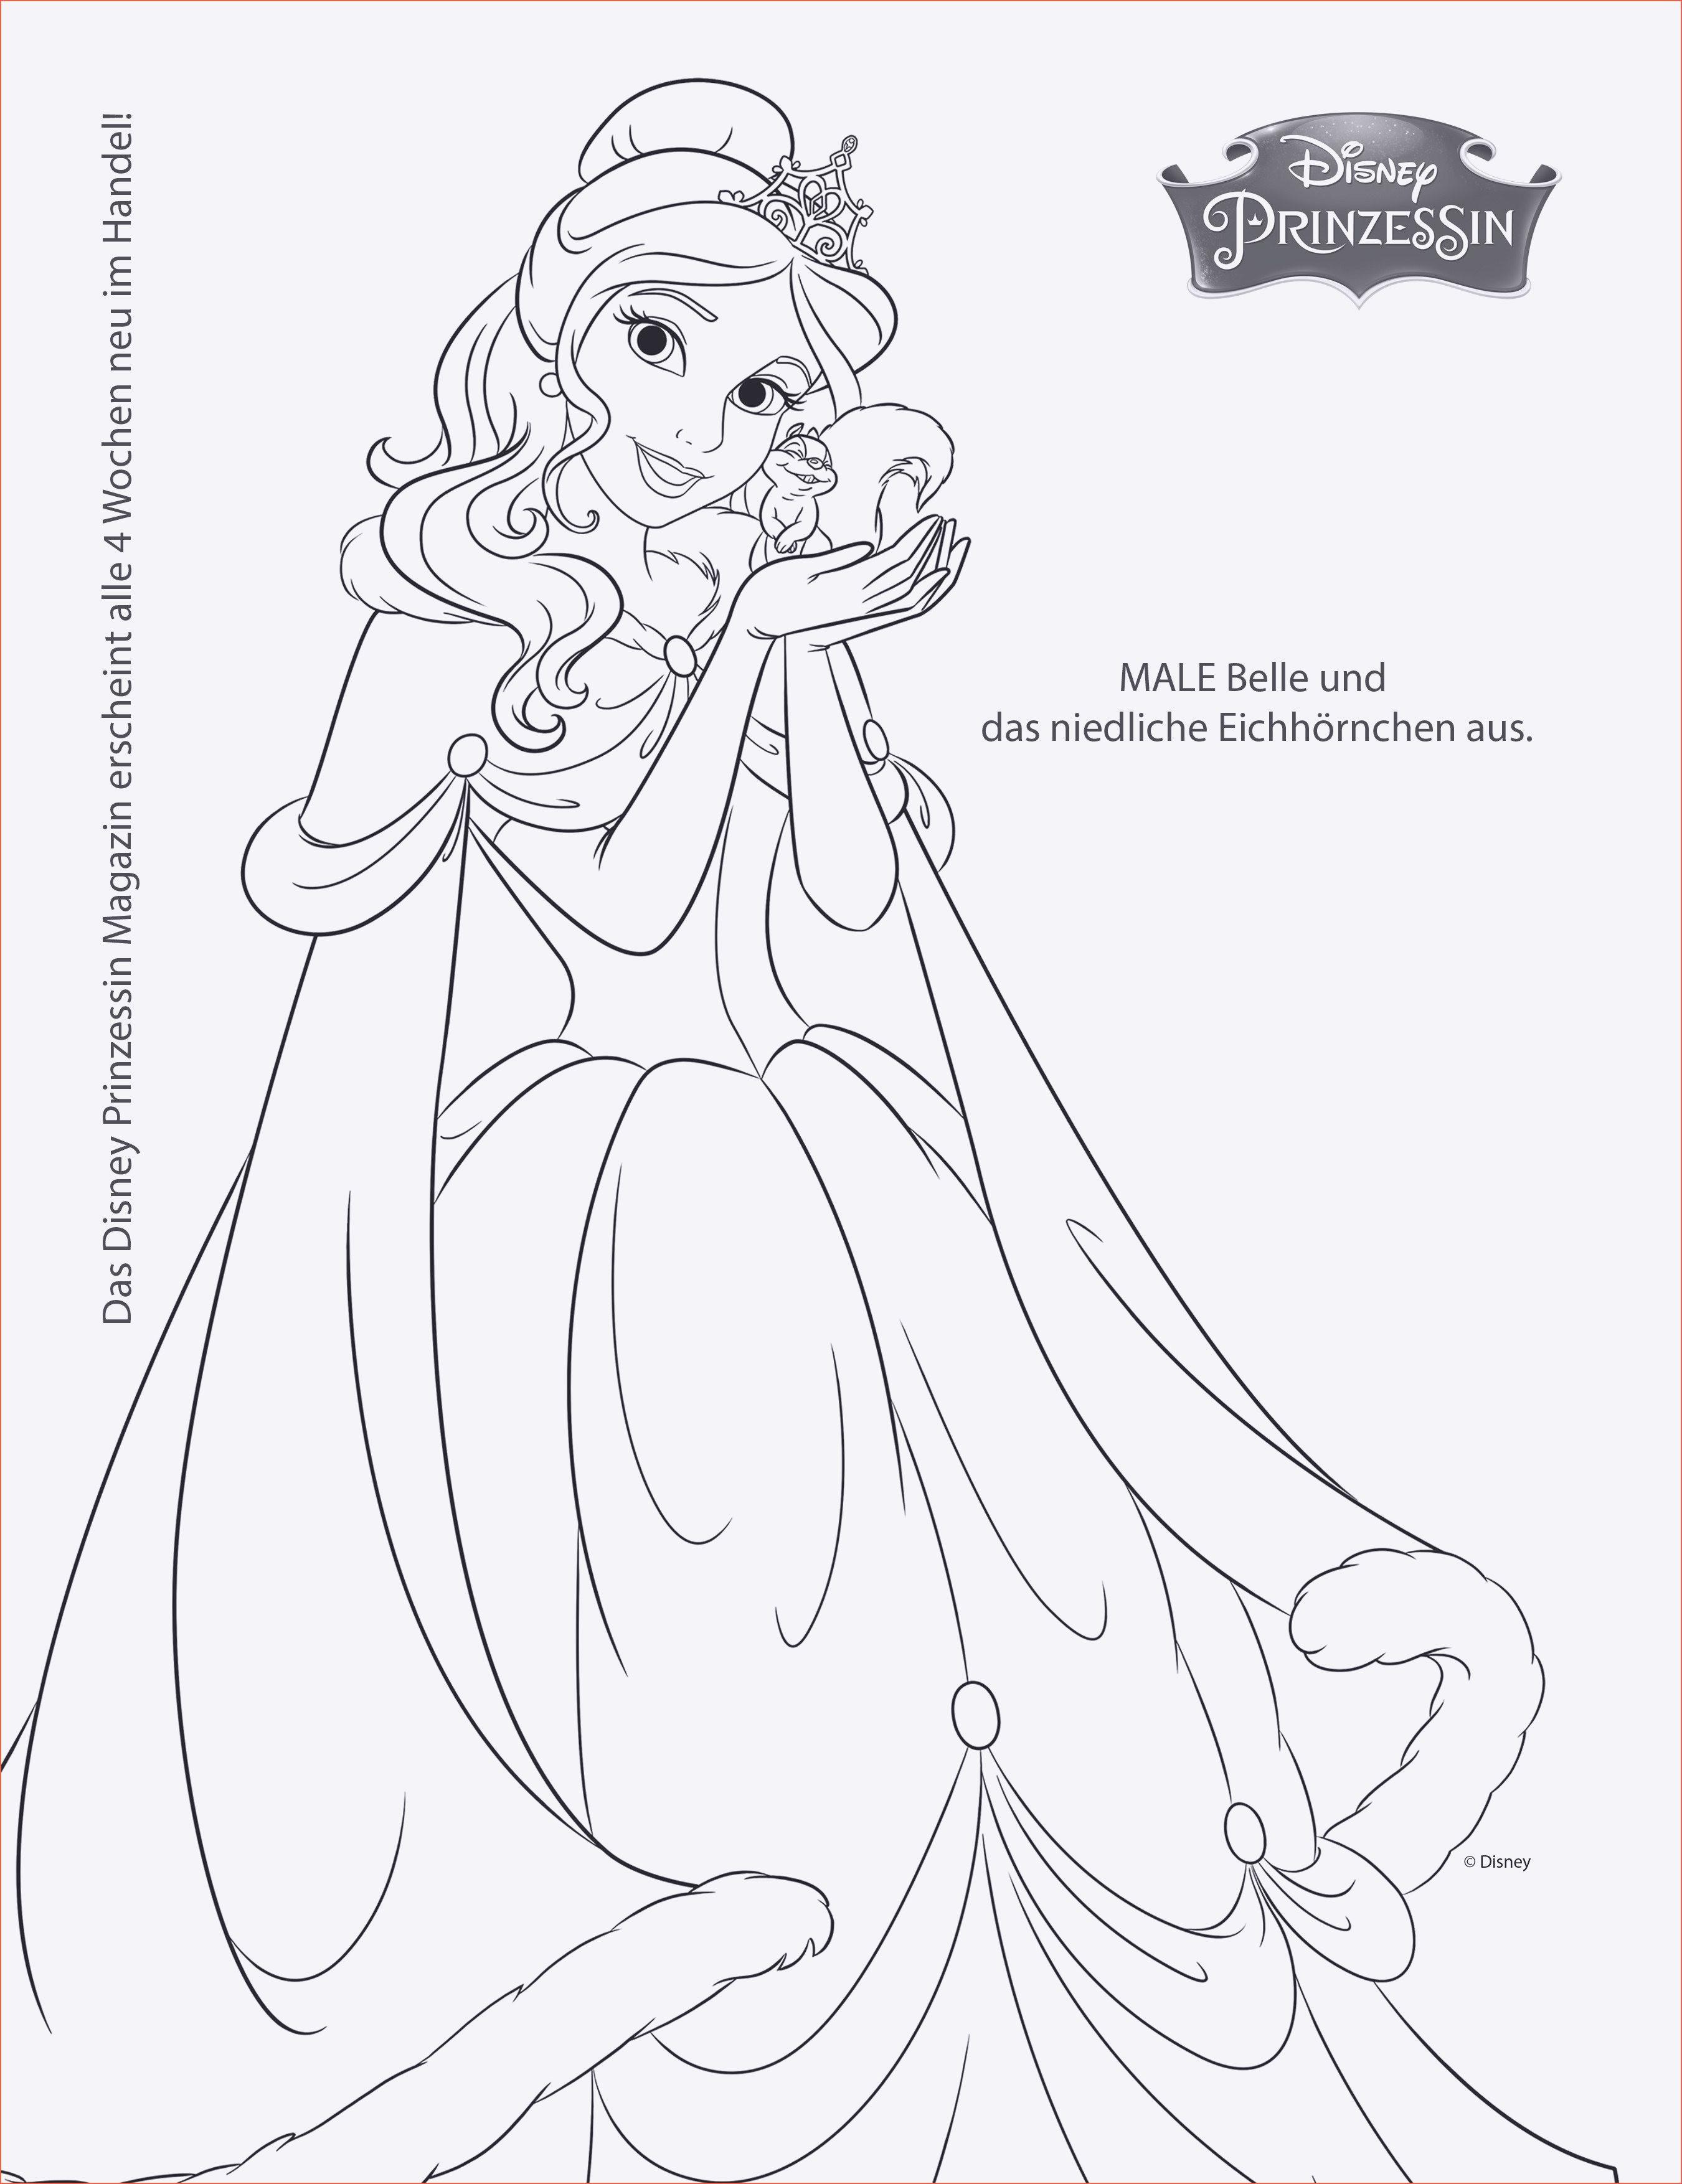 Ausmalbilder Disney Prinzessinnen Inspirierend Malvorlagen Disney Frisch 2 Malvorlagen Disney Ausmalbilder Sammlung